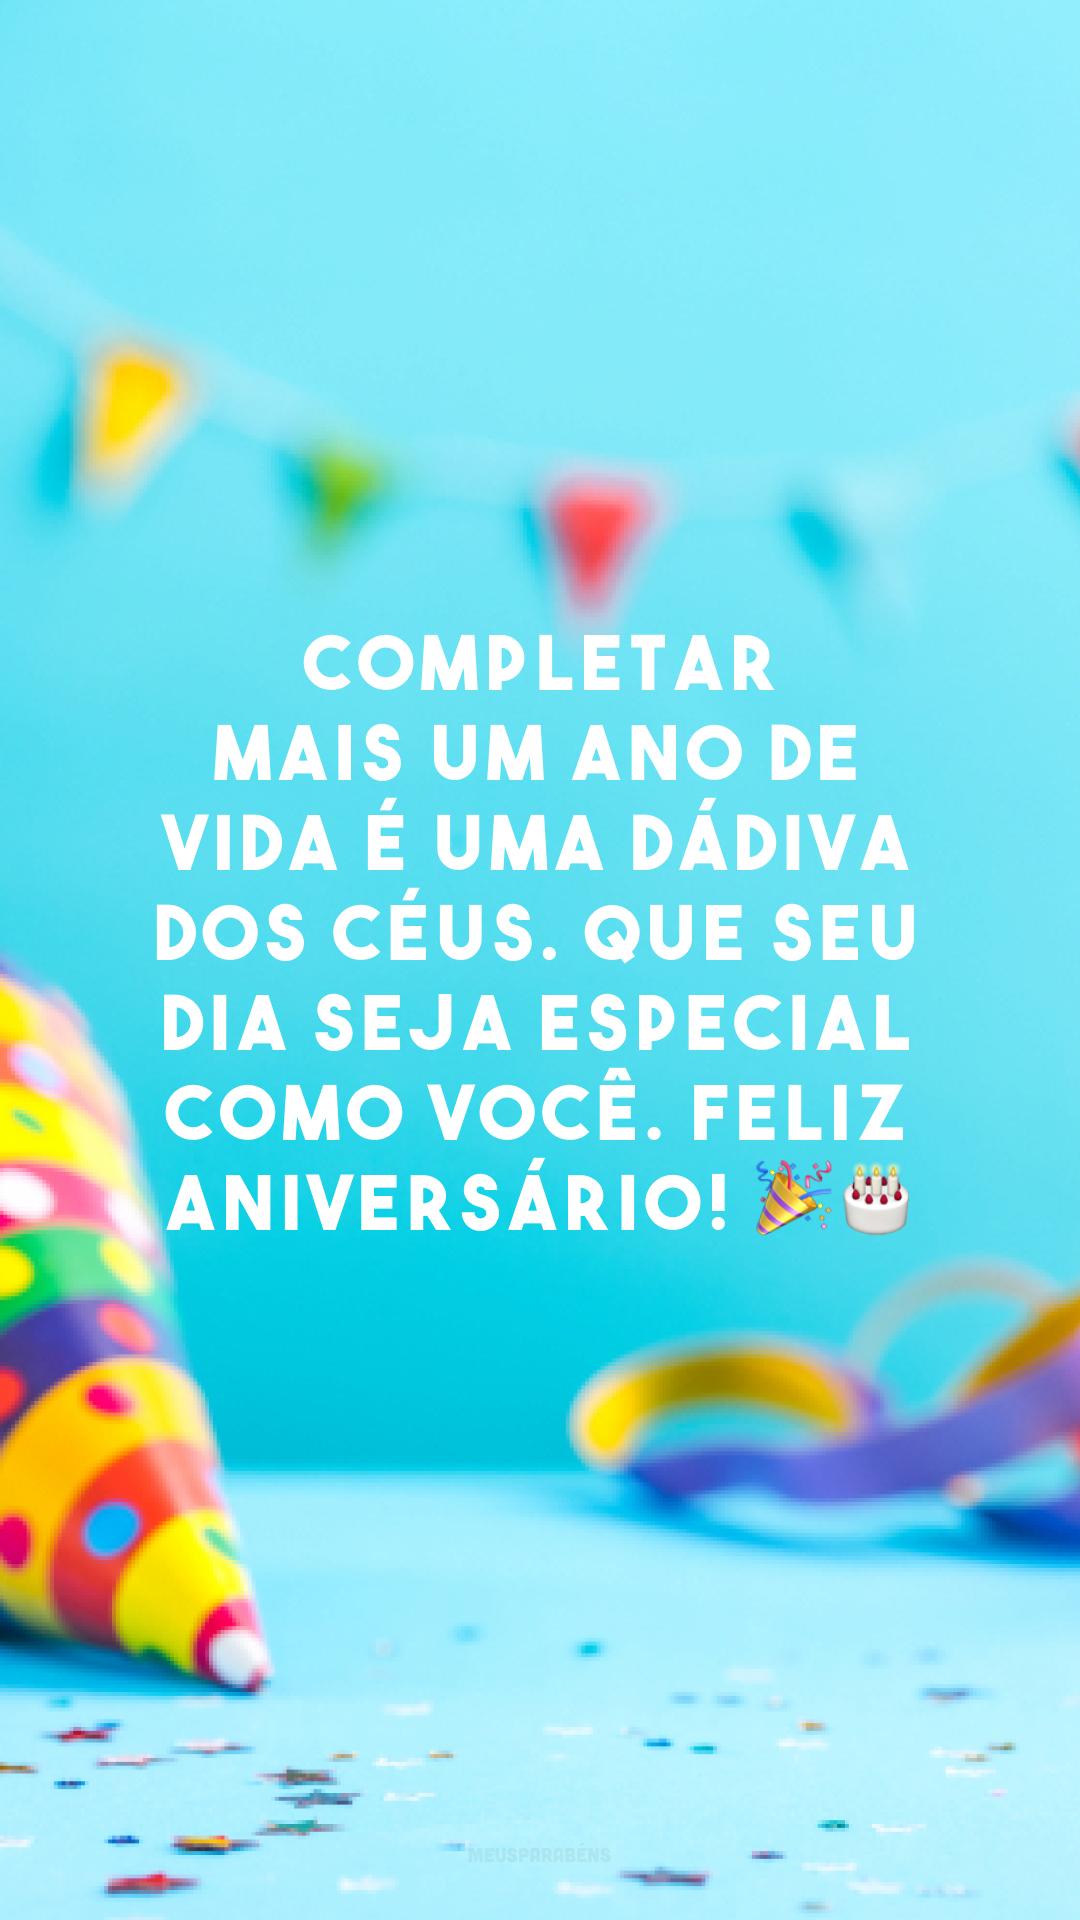 Completar mais um ano de vida é uma dádiva dos céus. Que seu dia seja especial como você. Feliz aniversário! 🎉🎂